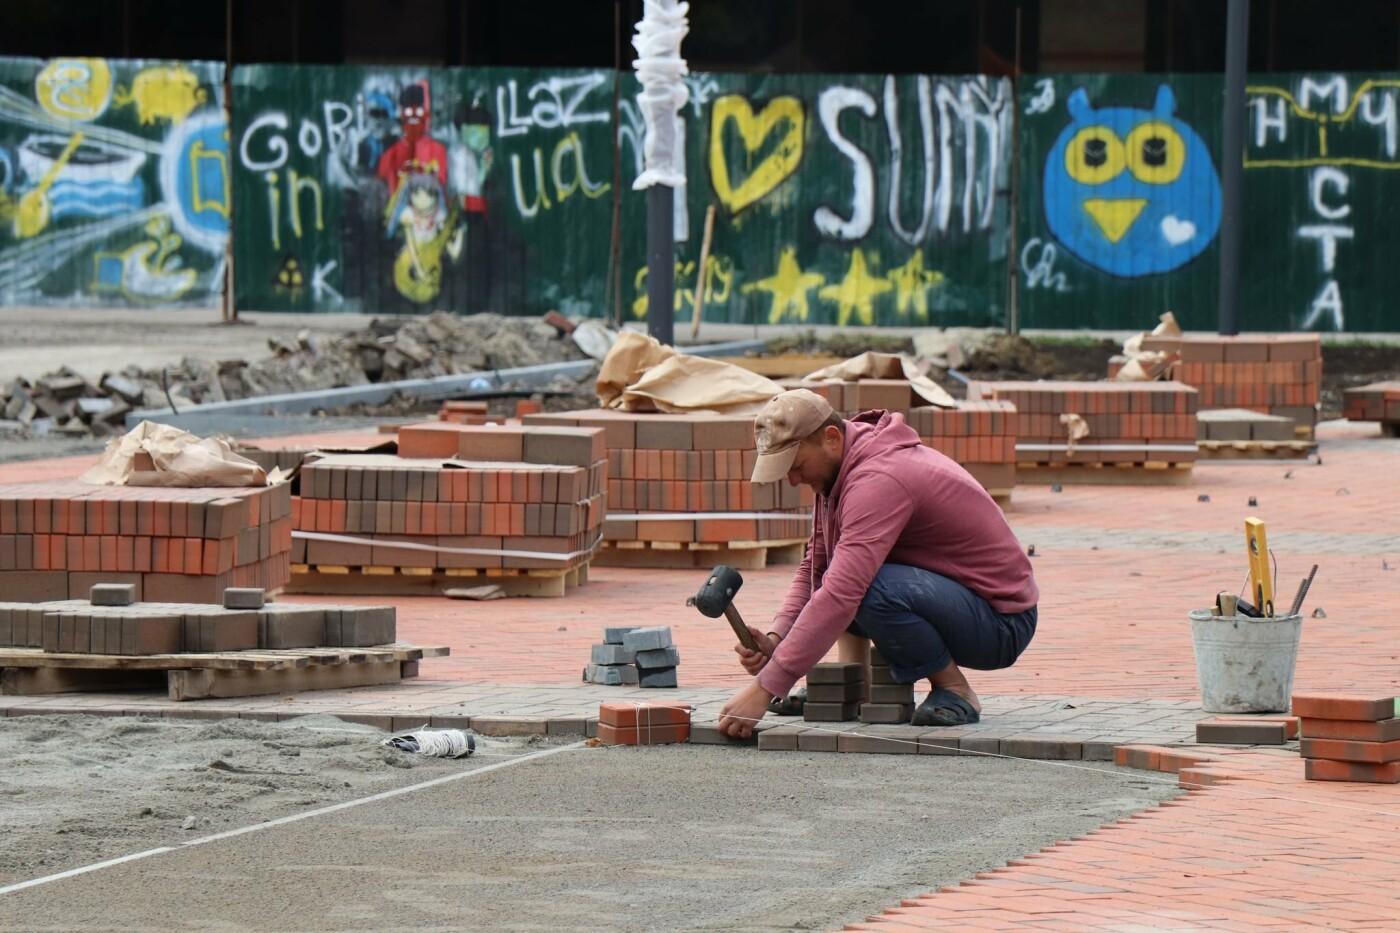 Олександр Лисенко: Роботи з реконструкції Театральної площі тримаю на особистому контролі, фото-5